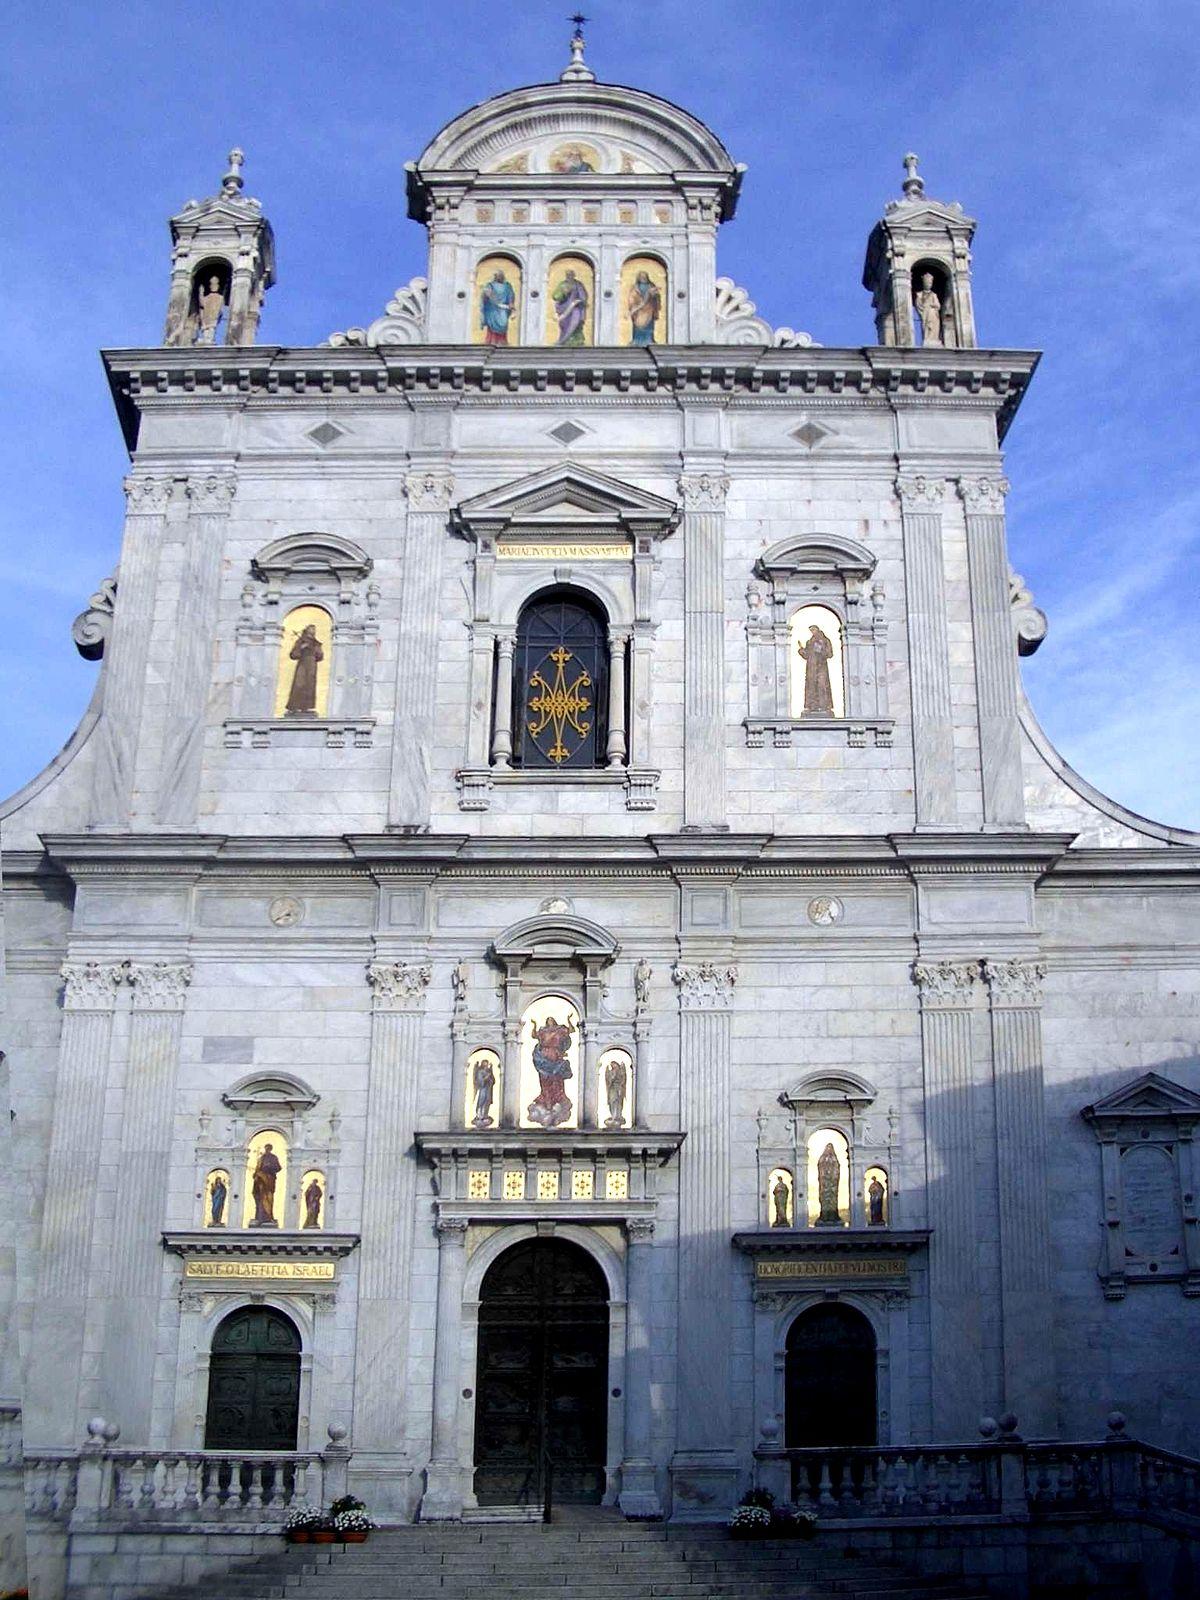 Sacro Monte di Varallo - Wikipedia